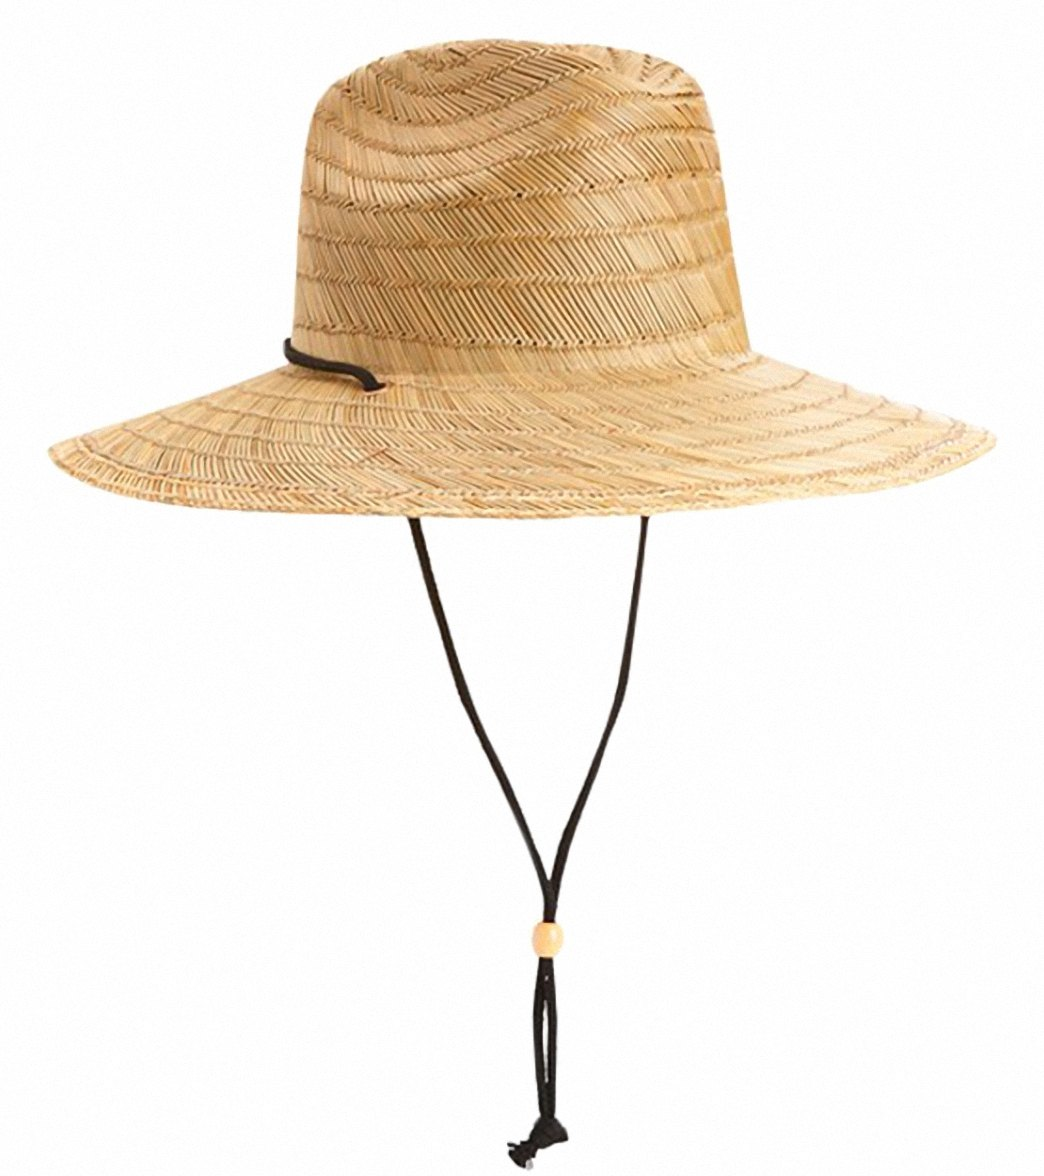 5a9542c8e Quiksilver Pierside Lifeguard Hat